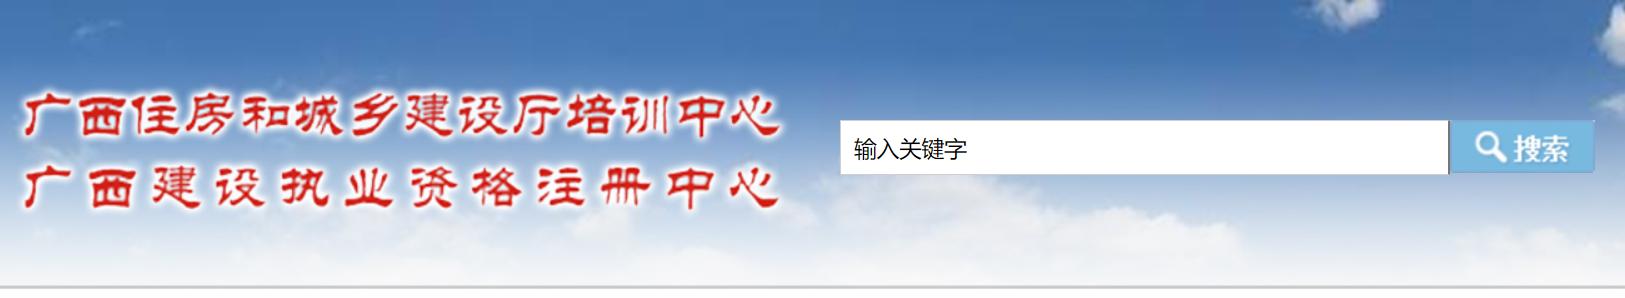 广西2021年二级造价师报名时间出炉